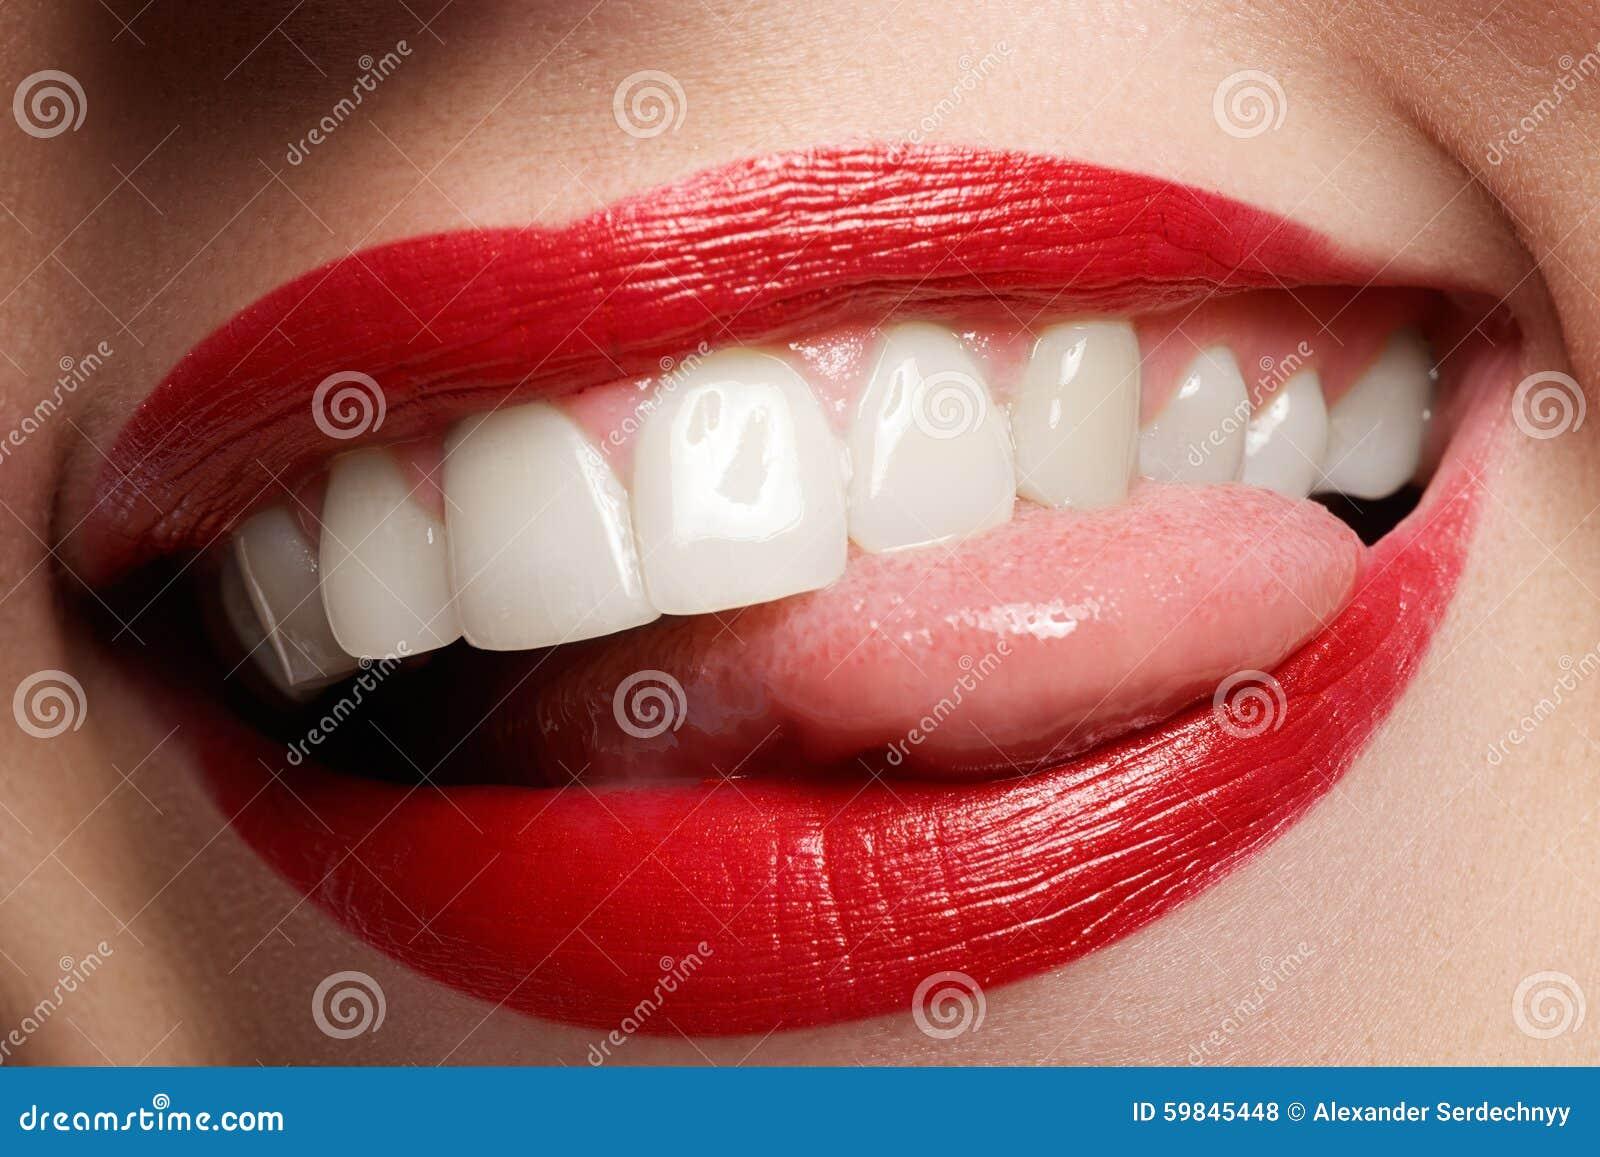 reizvolle lippen sch nheits rot lippen sch ne make upnahaufnahme sinnlicher mund lippenstift und. Black Bedroom Furniture Sets. Home Design Ideas